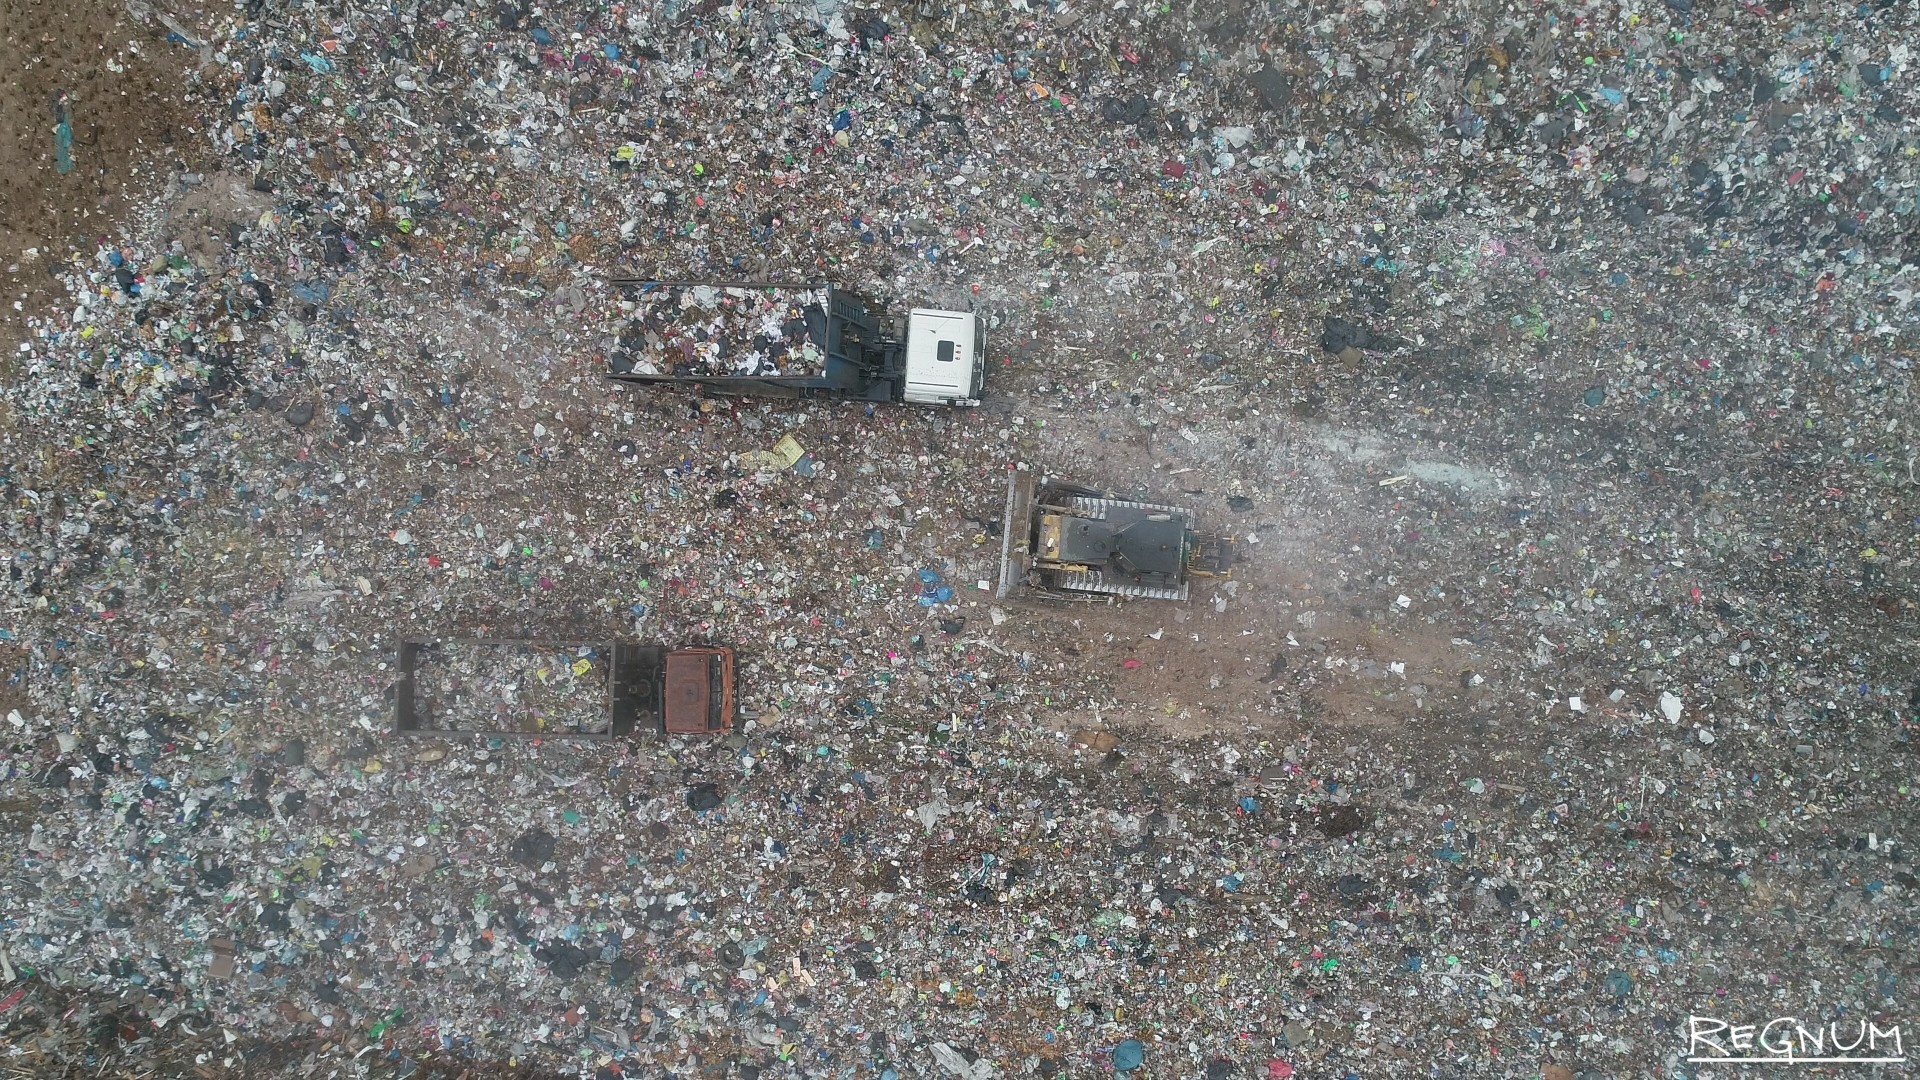 Даже с высоты птичьего полета видно, что мусор в основном состоит из полиэтиленовых пакетов